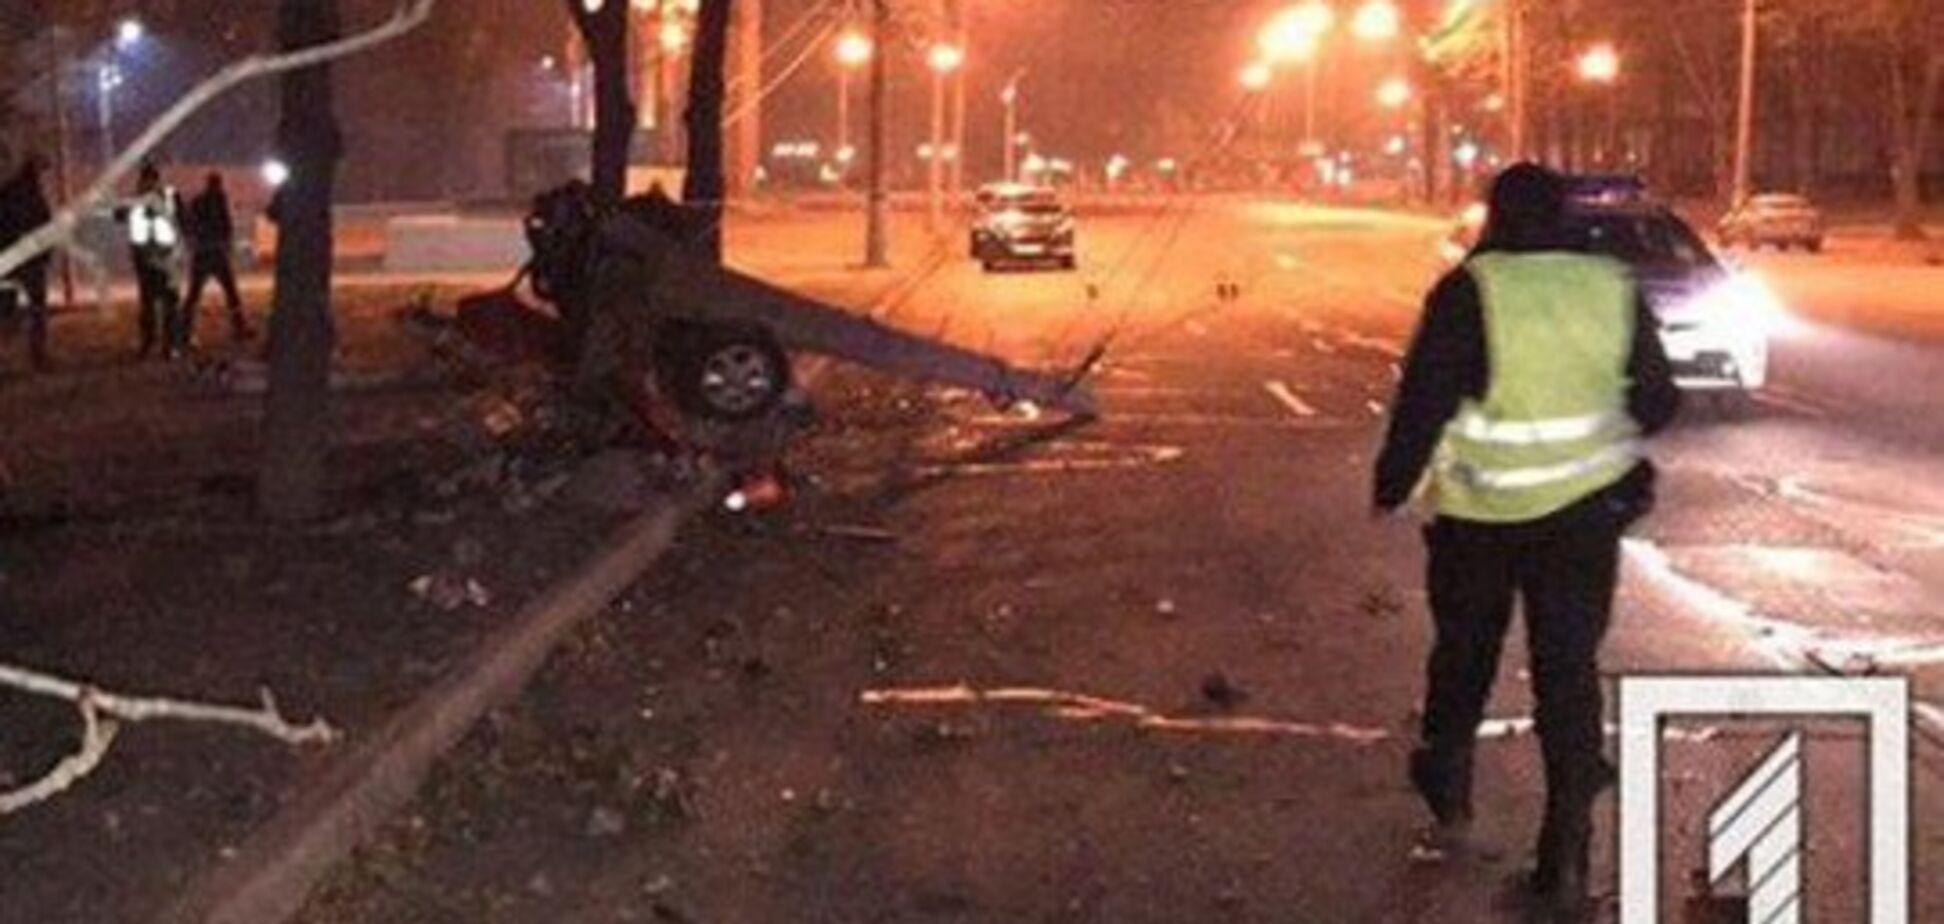 Машина разлетелась на части: в Кривом Роге произошло жуткое ДТП